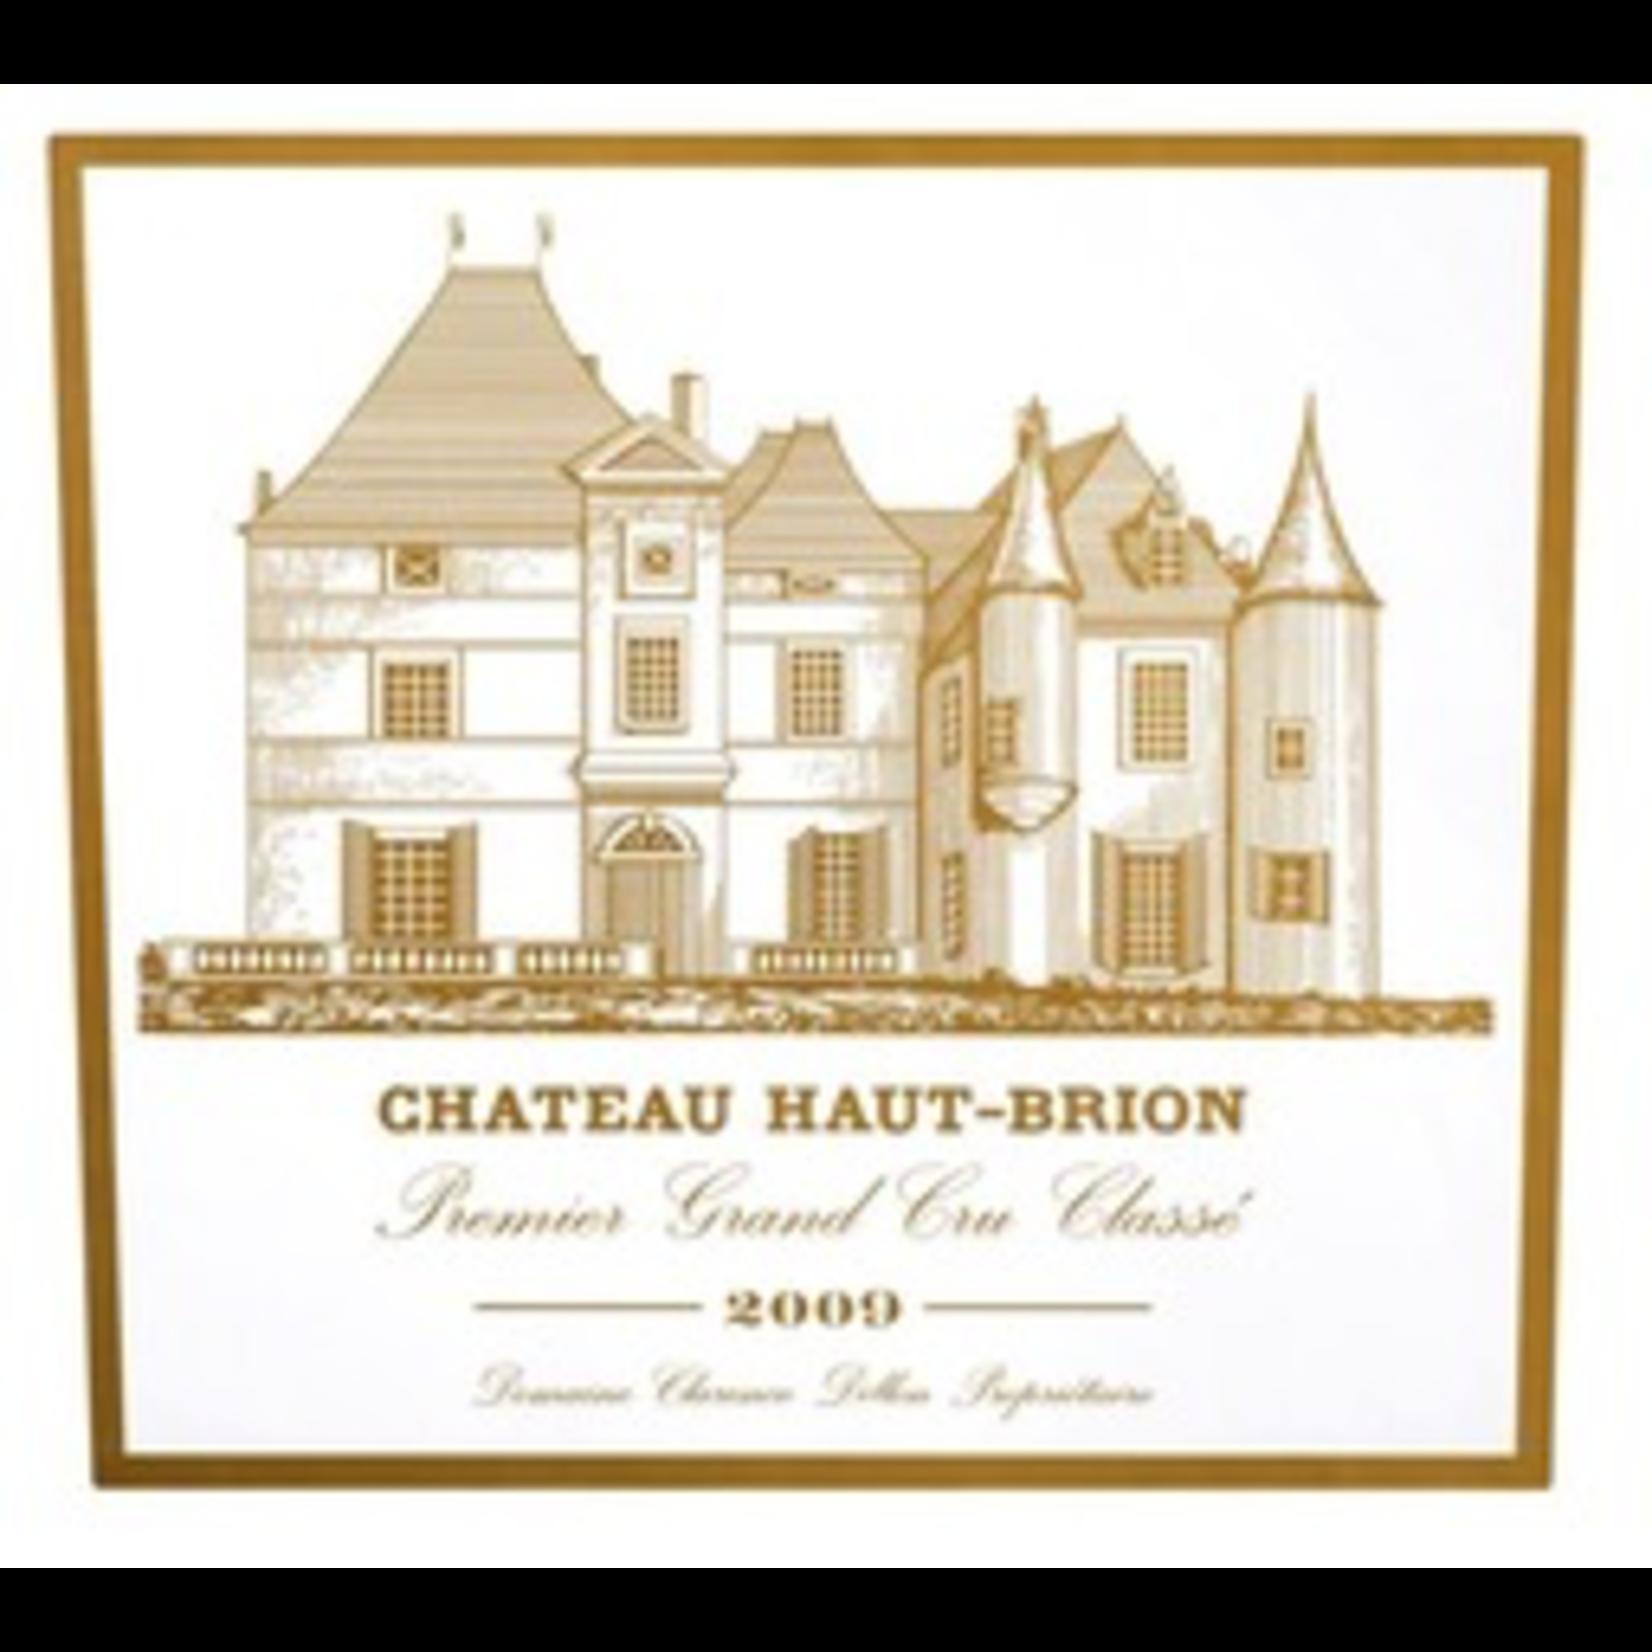 Wine Chateau Haut Brion 2009